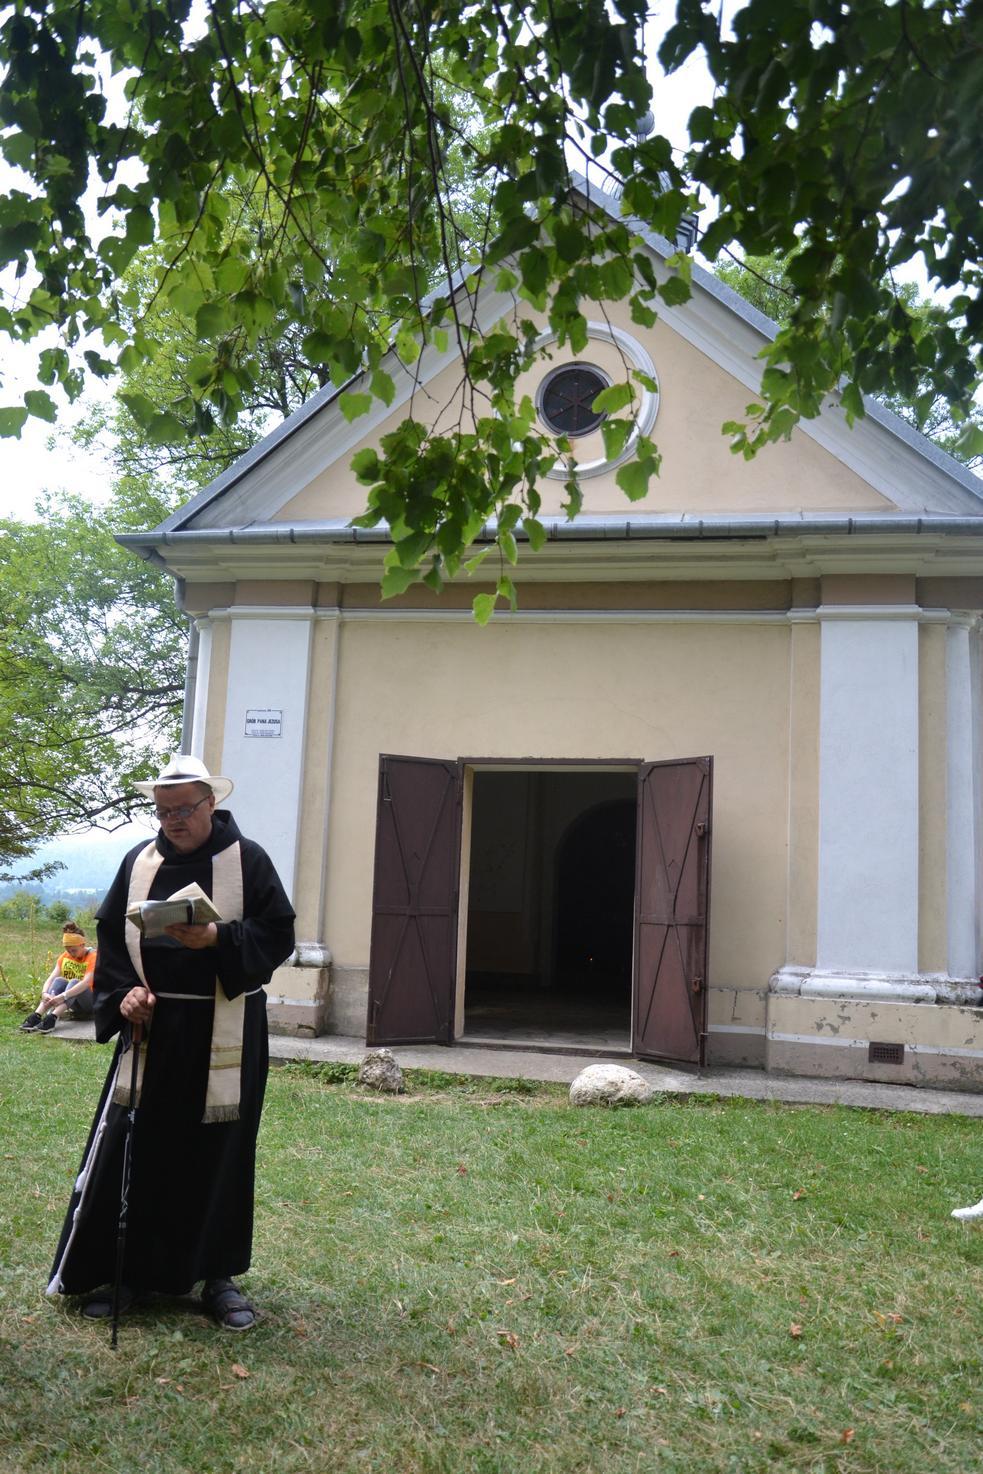 15 Piesza Pielgrzymka Krosno - Kalwaria Pacławska - dzień czwarty 12 sierpnia 2017 (86)